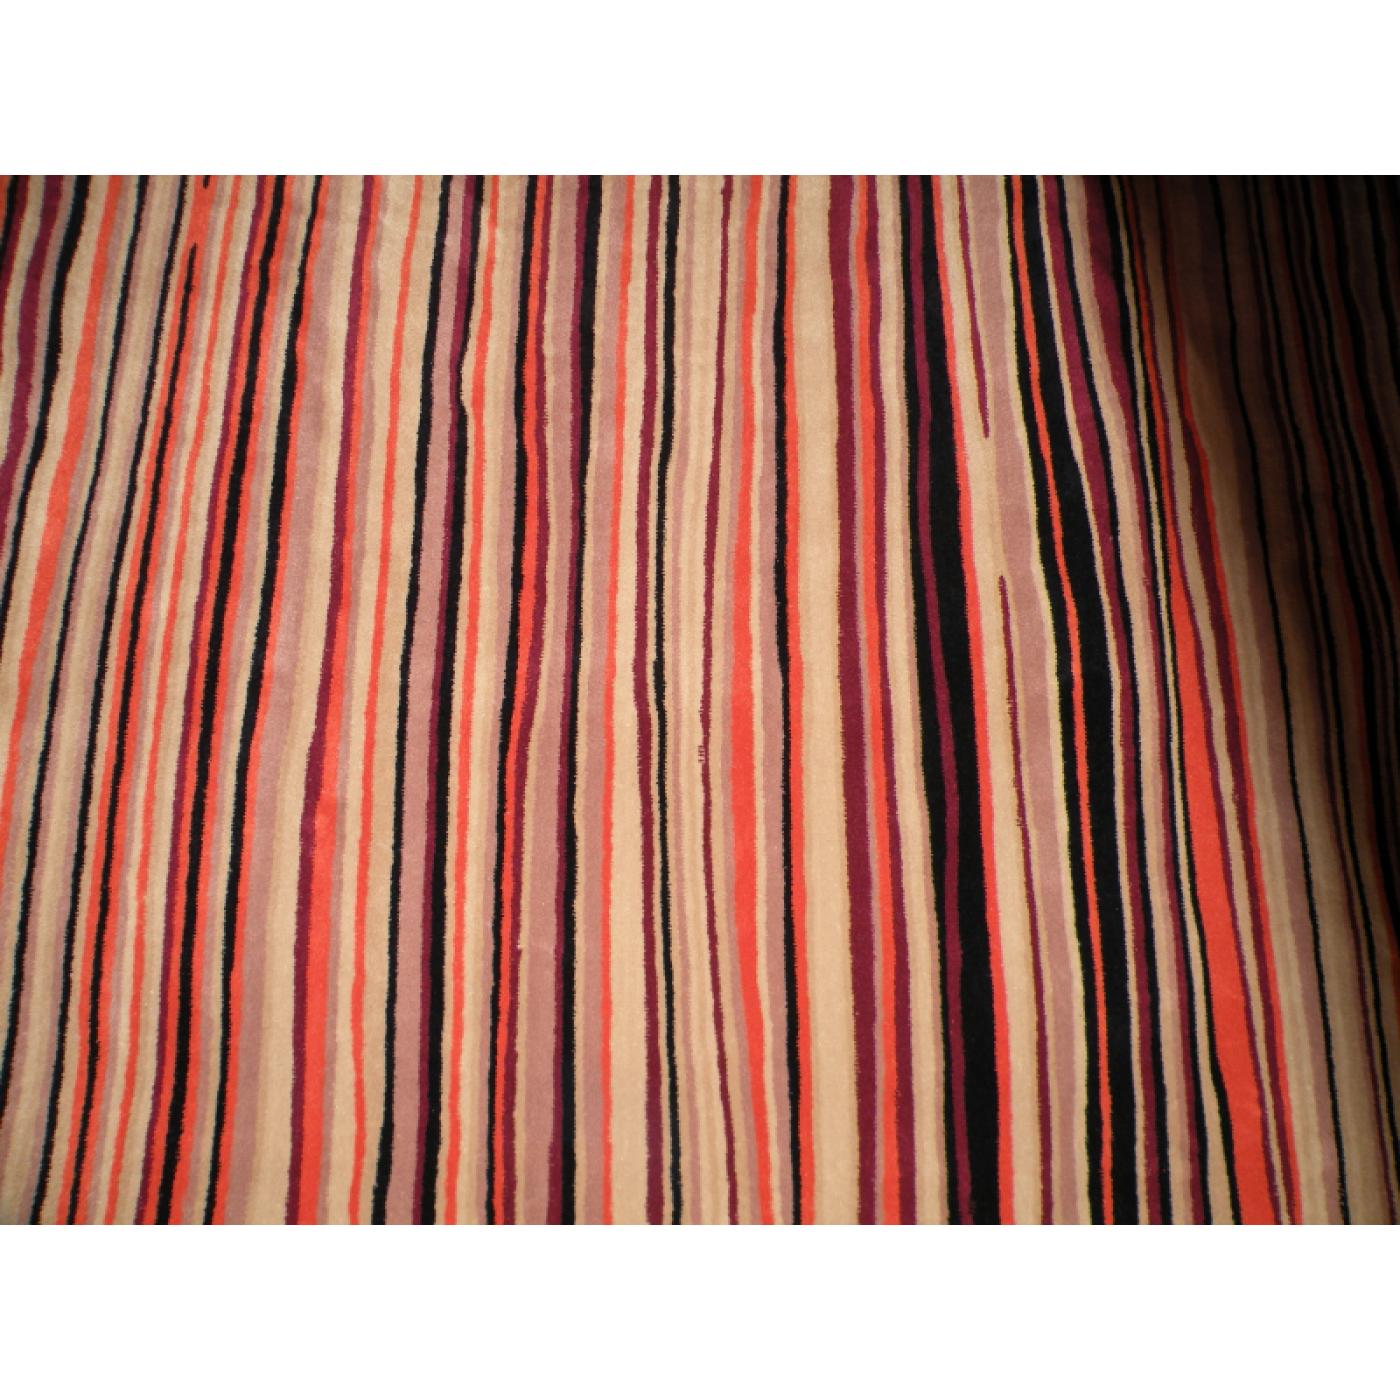 Vloerkleed maat 170 x 240 Karpet 44